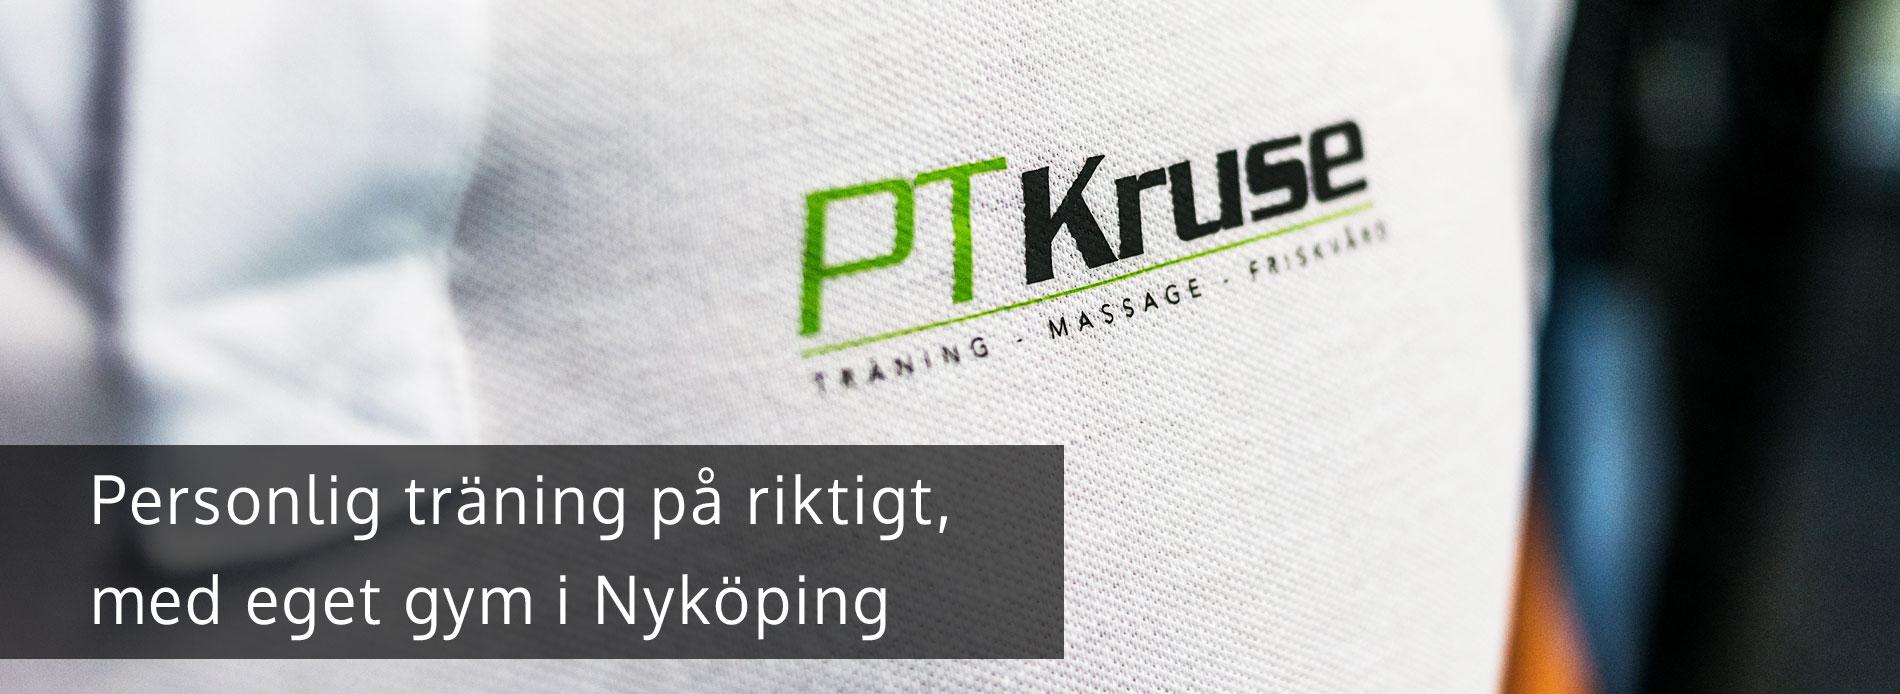 PT Kruse, personlig träning på riktigt